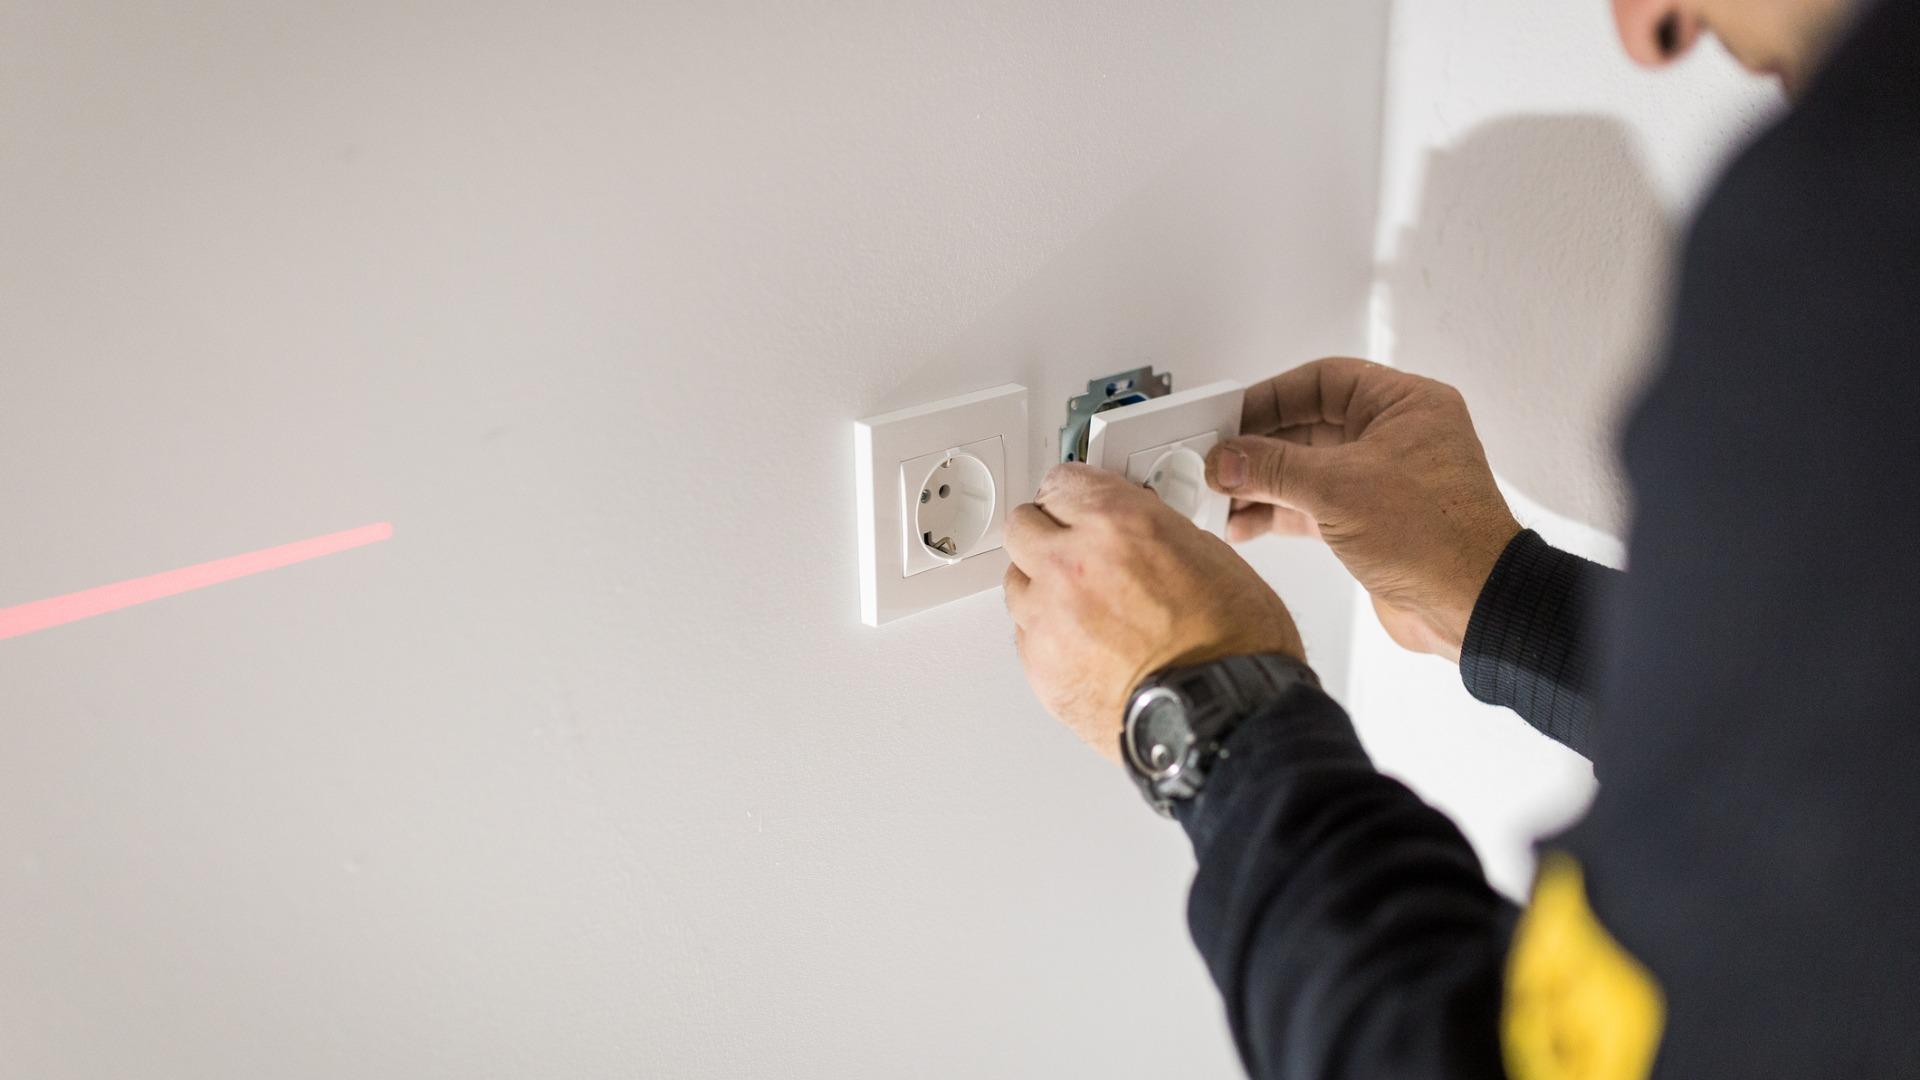 Installation de prise ou d'interrupteur